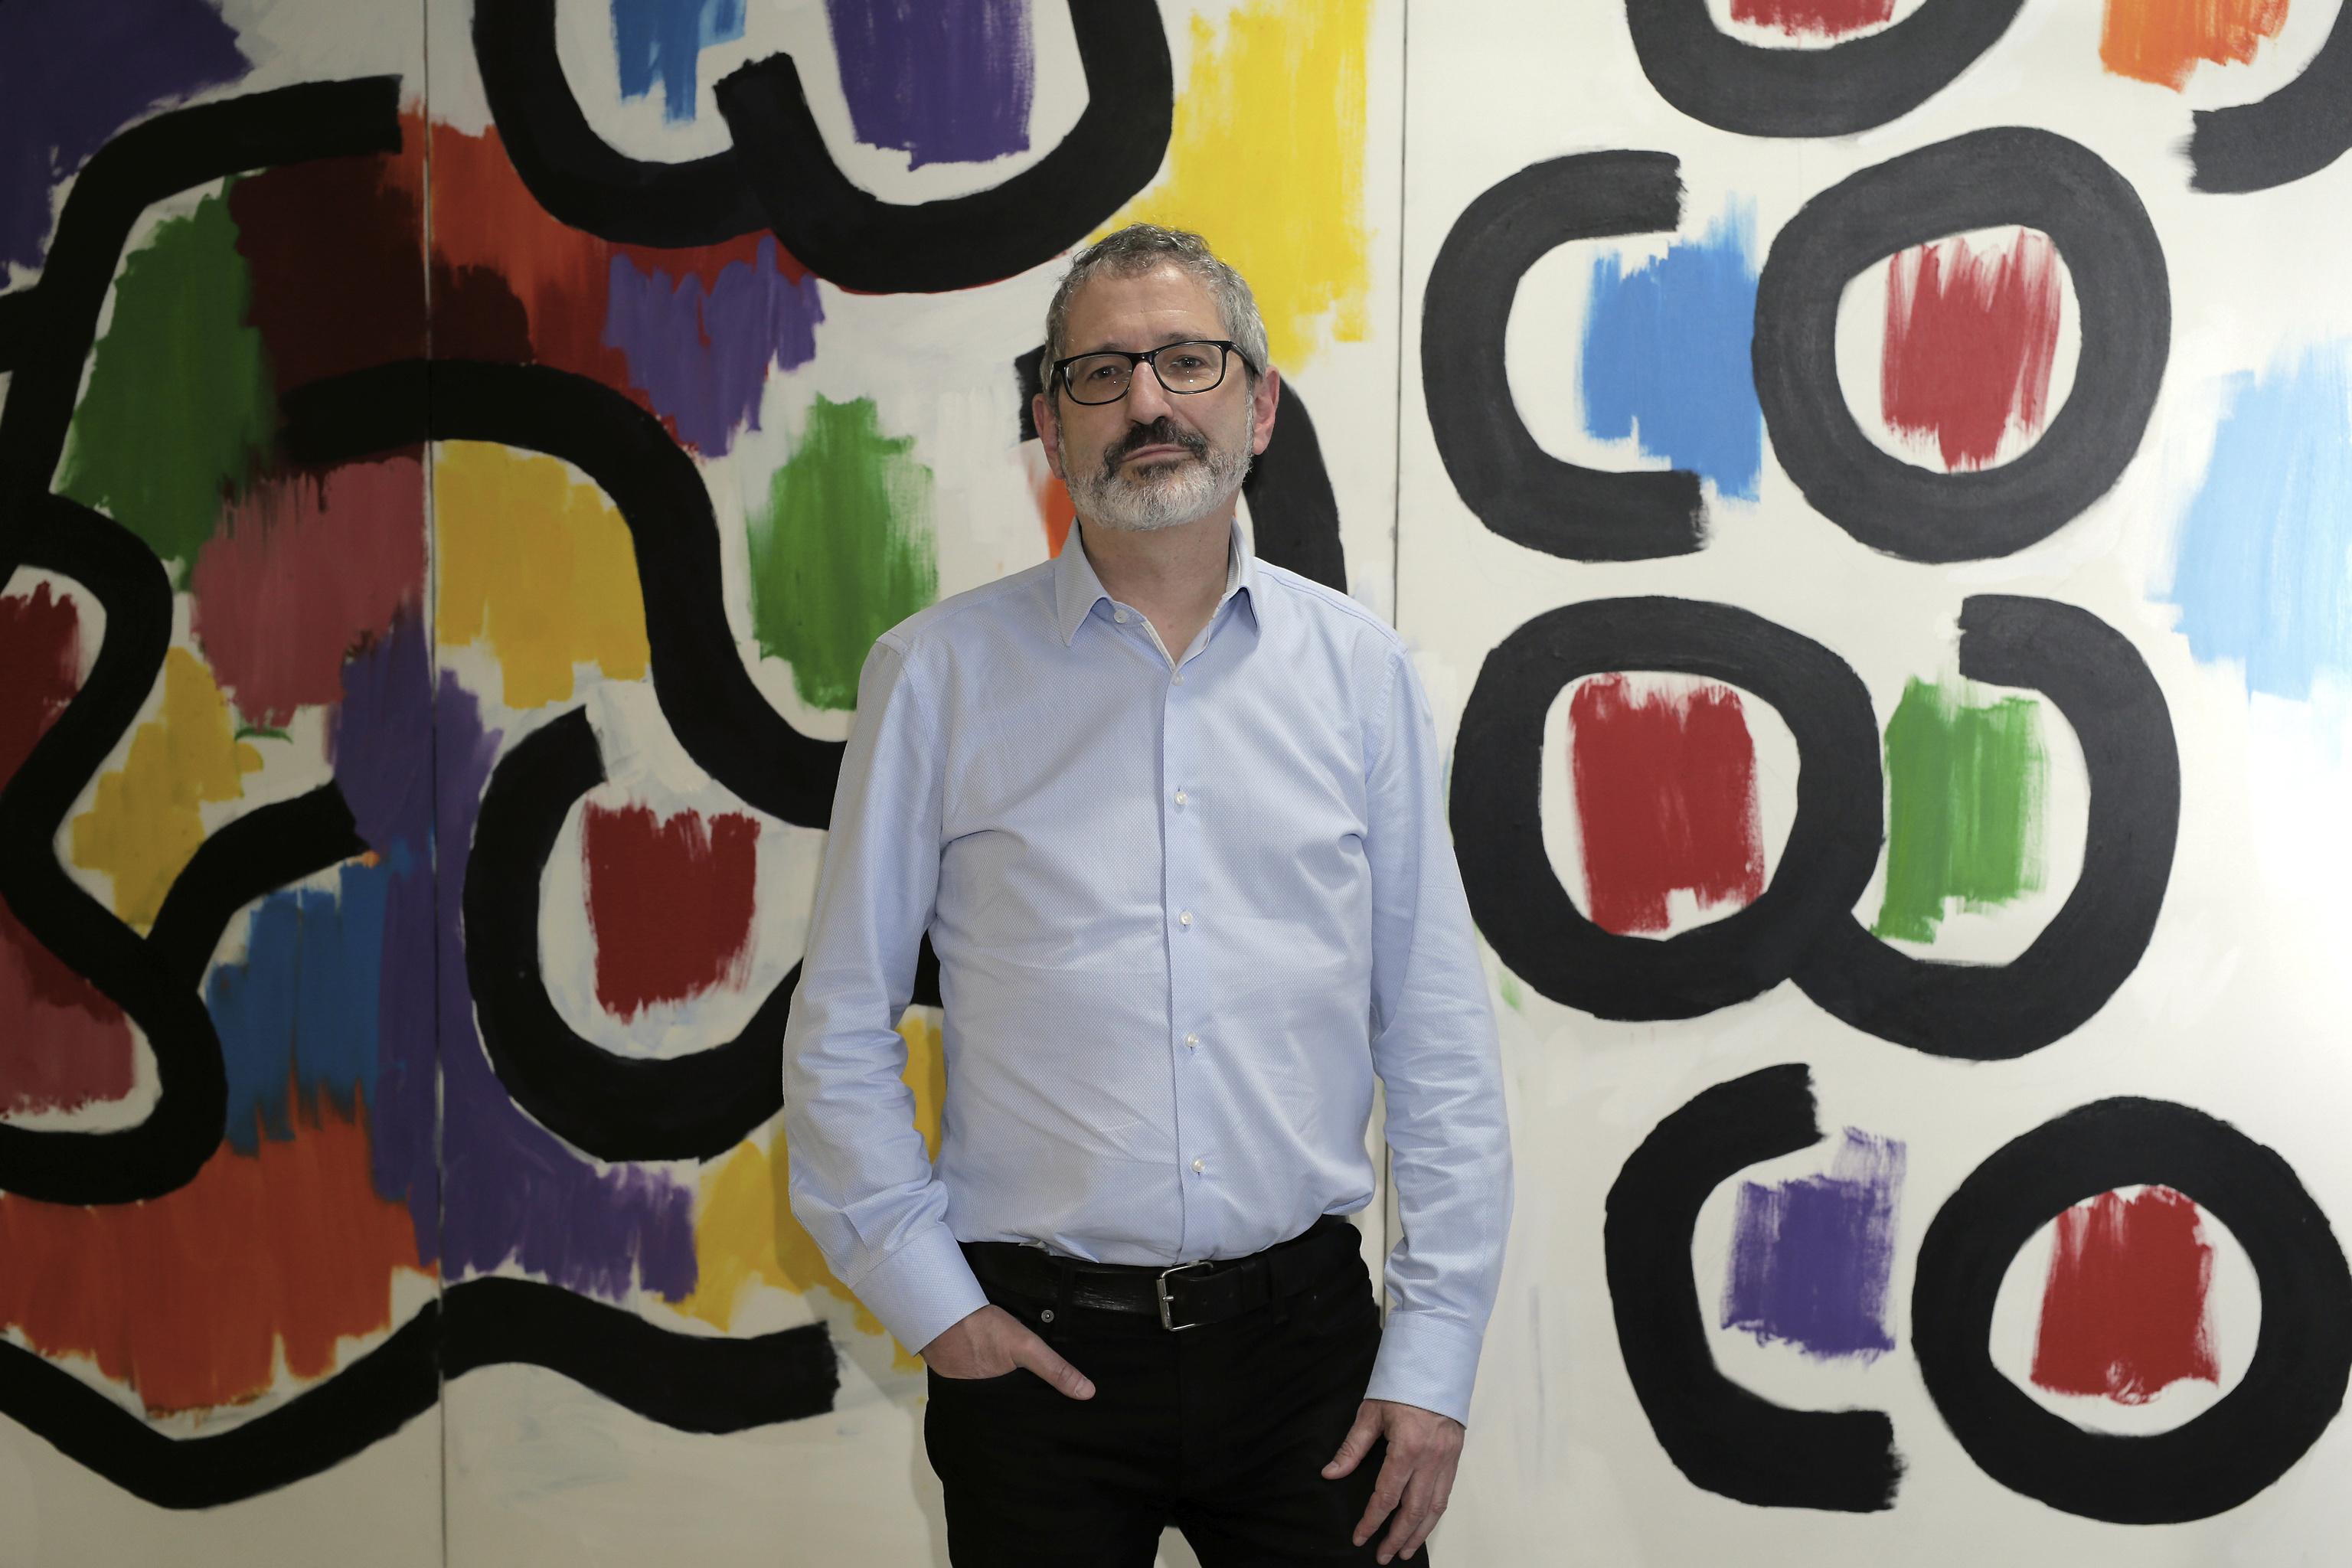 """Carlos Martín Urriza: """"La vivienda en propiedad es volver a los modelos franquistas de propietarios y no de proletarios"""""""